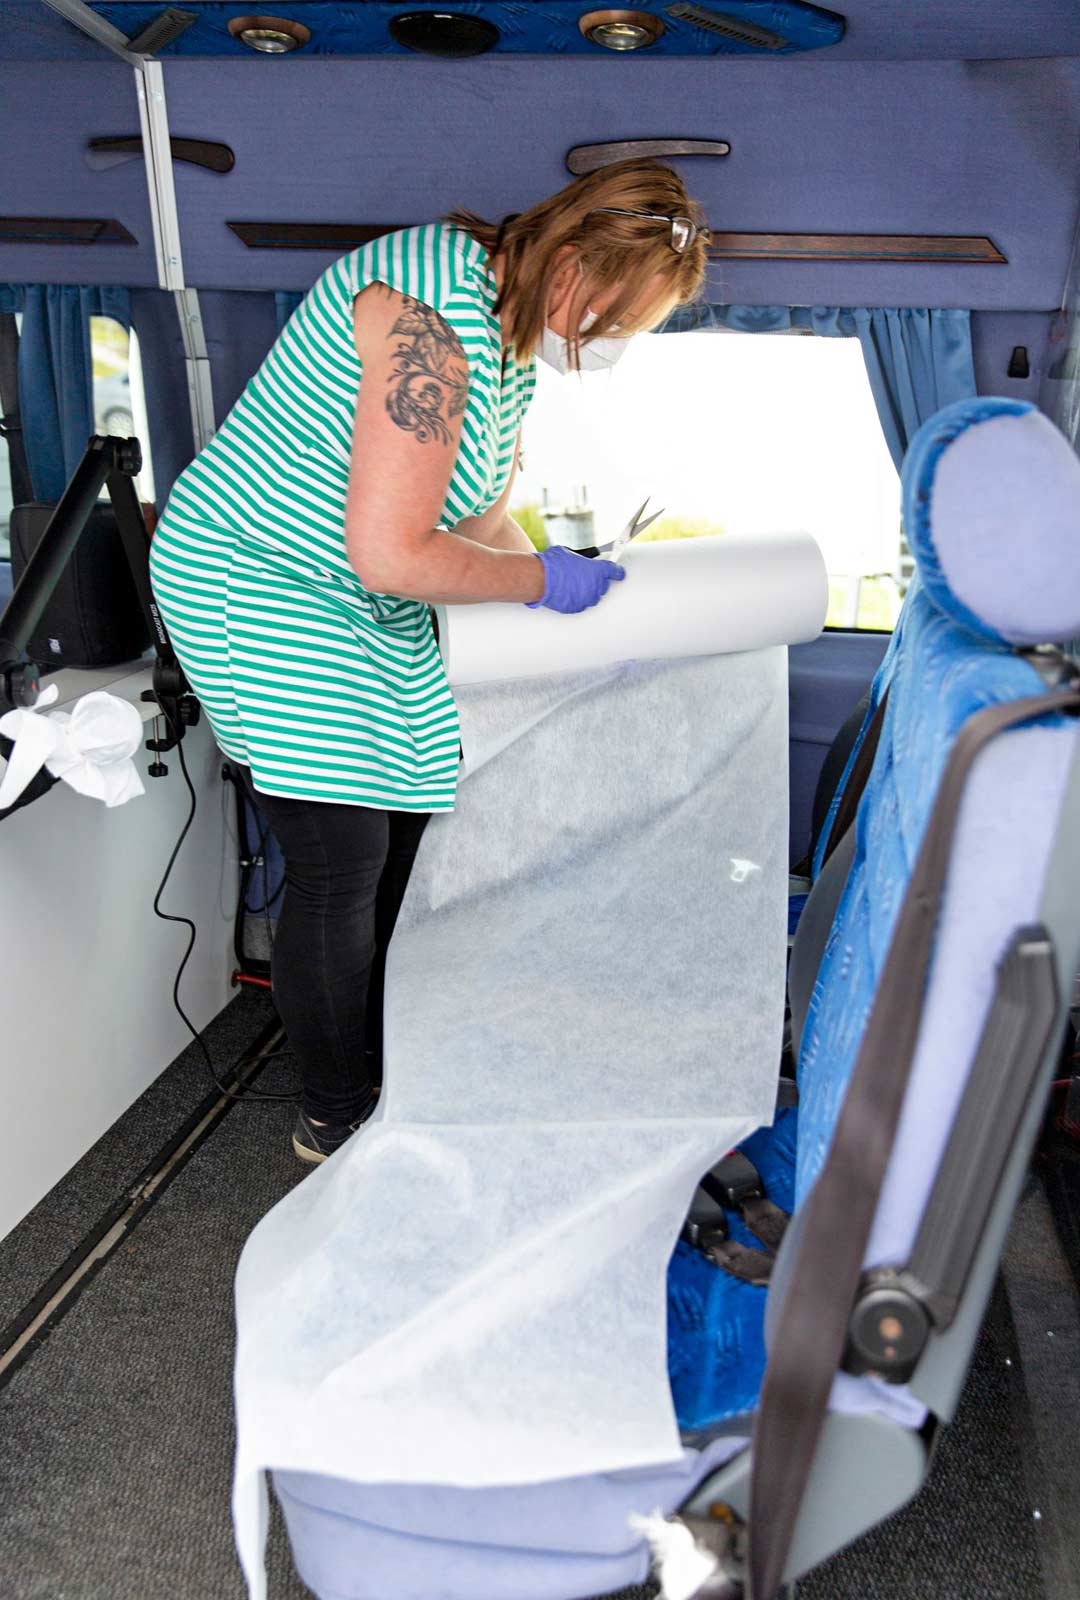 Sari Lahtisen kiireisimmät työpäivän hetket ovat tapaamisbussin huoltotauot.